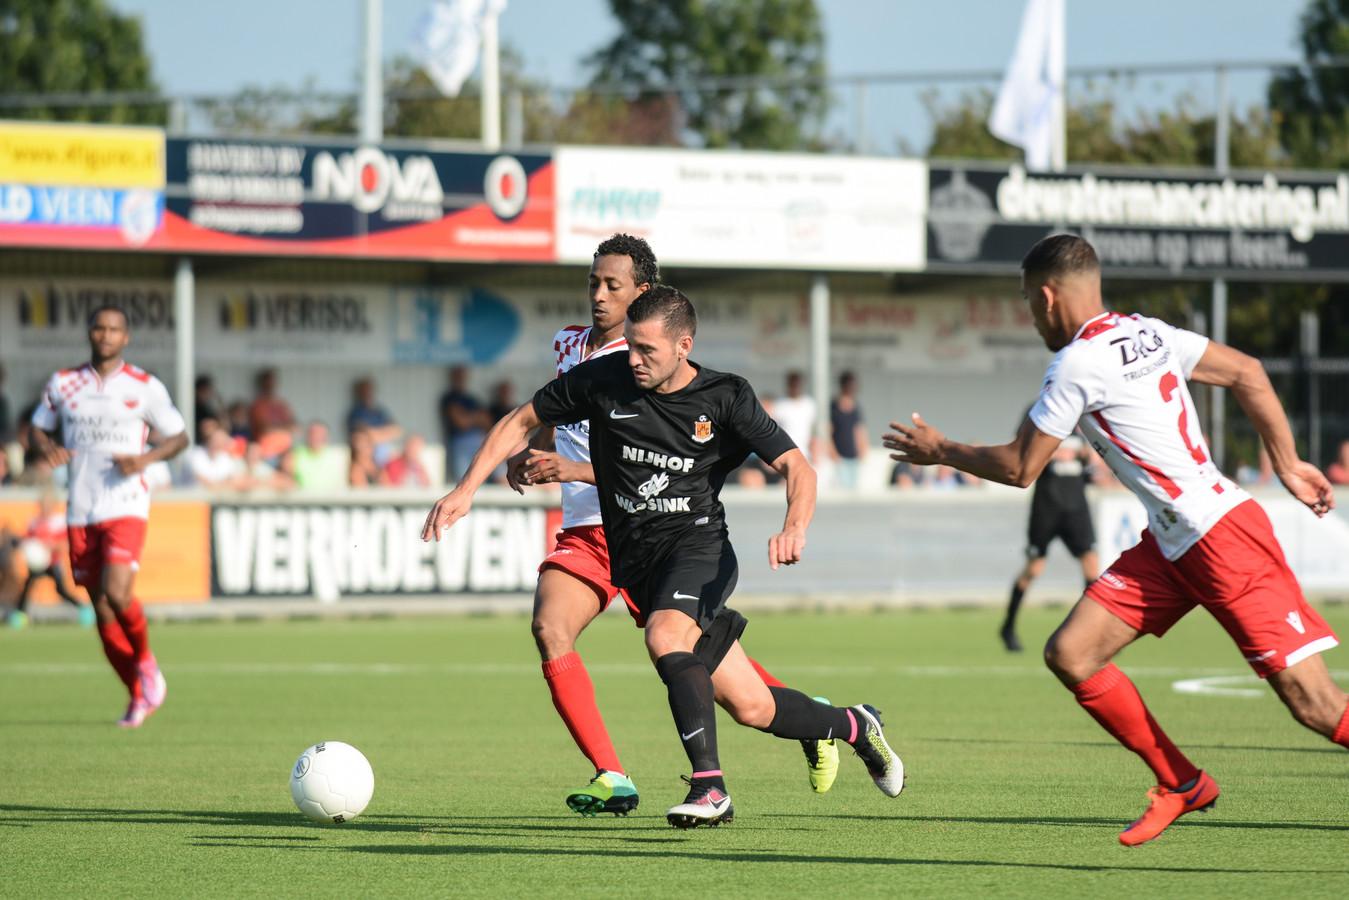 Shkodran Metaj staat zaterdag met HHC voor de uitwedstrijd bij Kozakken Boys, de nieuwe club van Royston Drenthe.